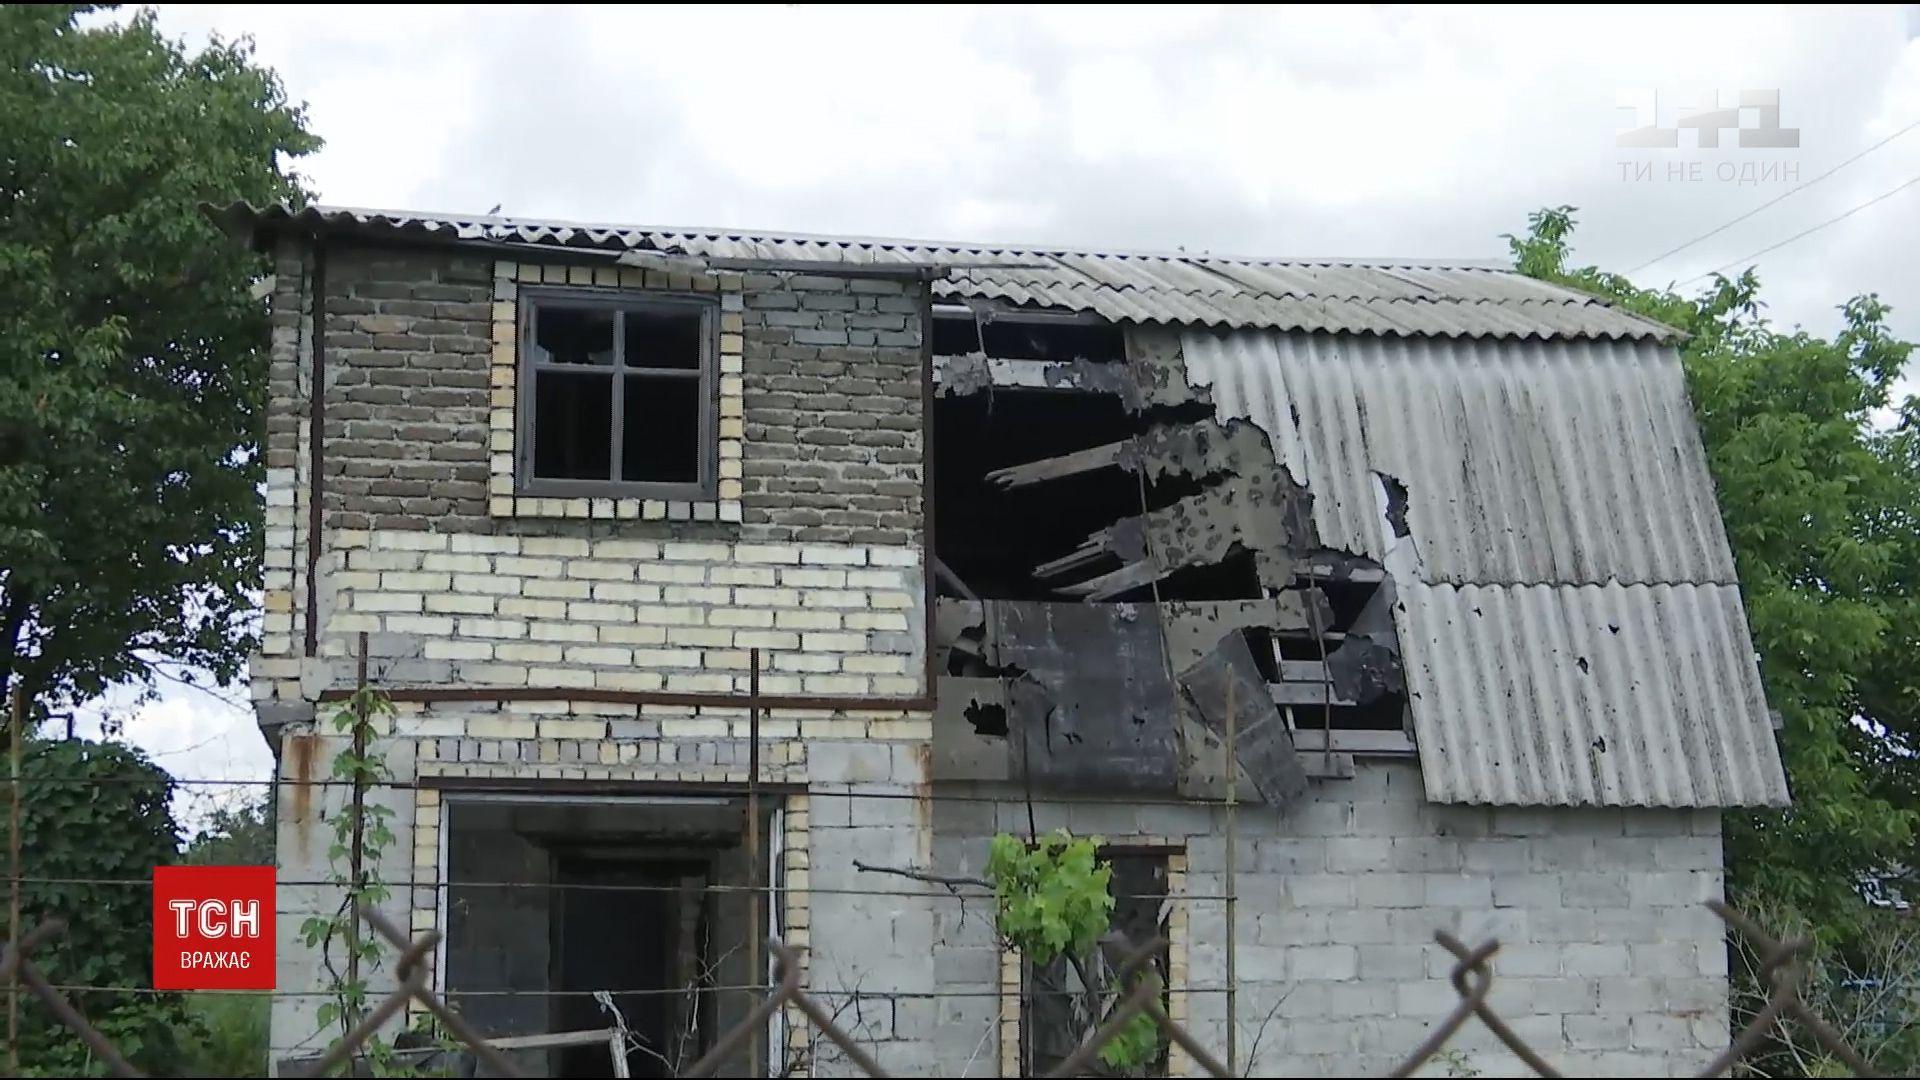 Боевики обстреливали лесополосу вблизи промышленной зоны / скриншот